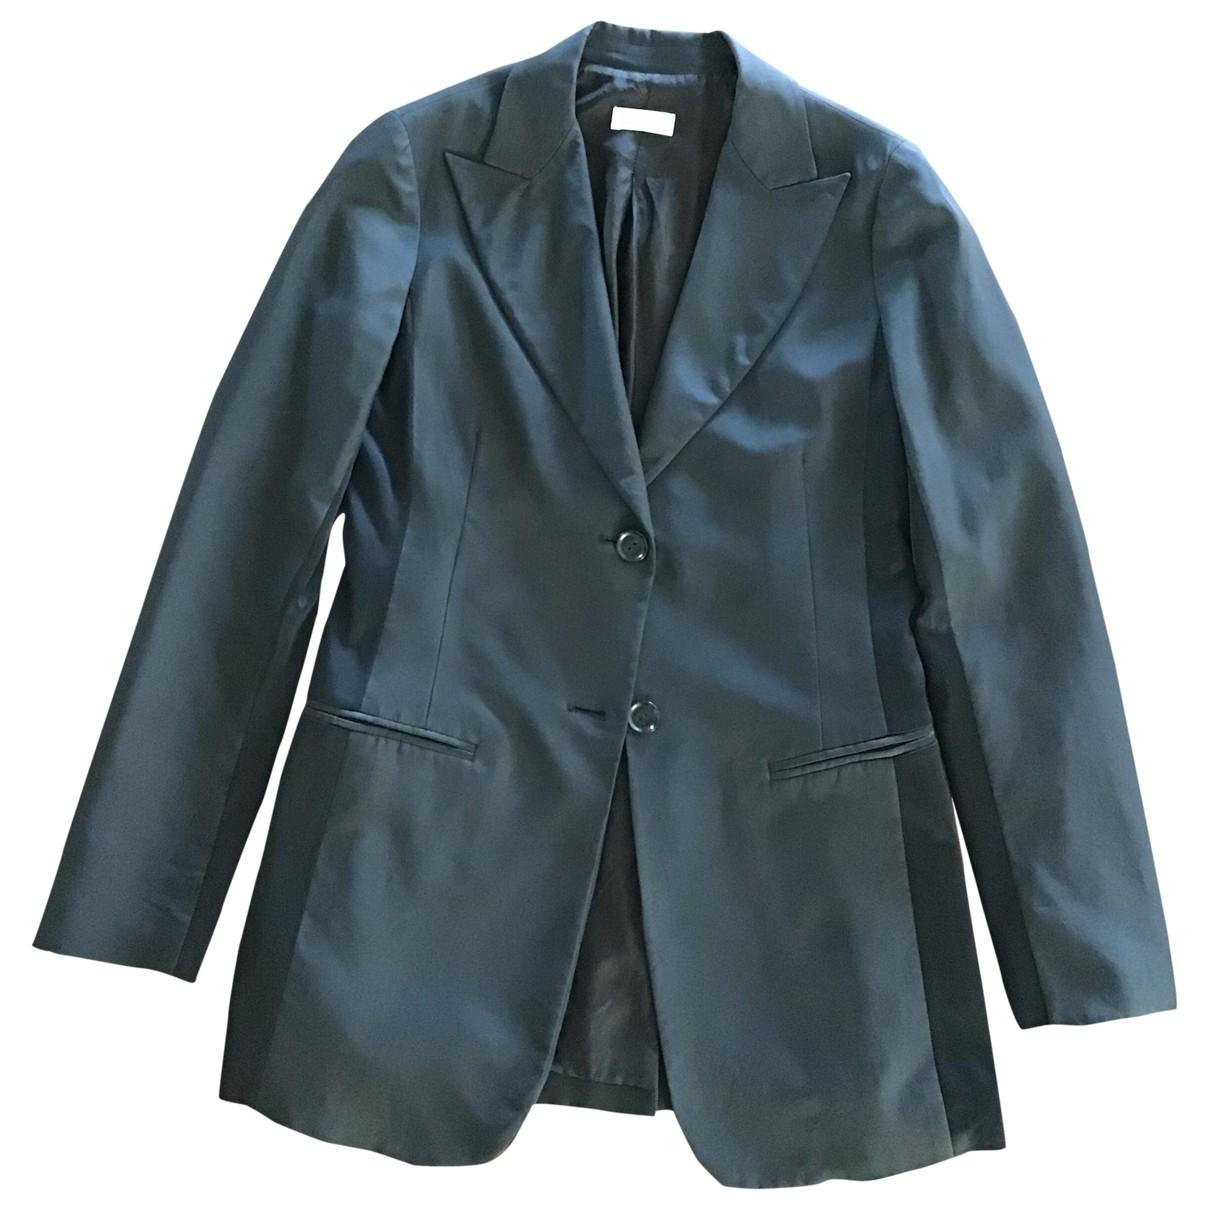 Pinko \N Black jacket for Women 42 IT